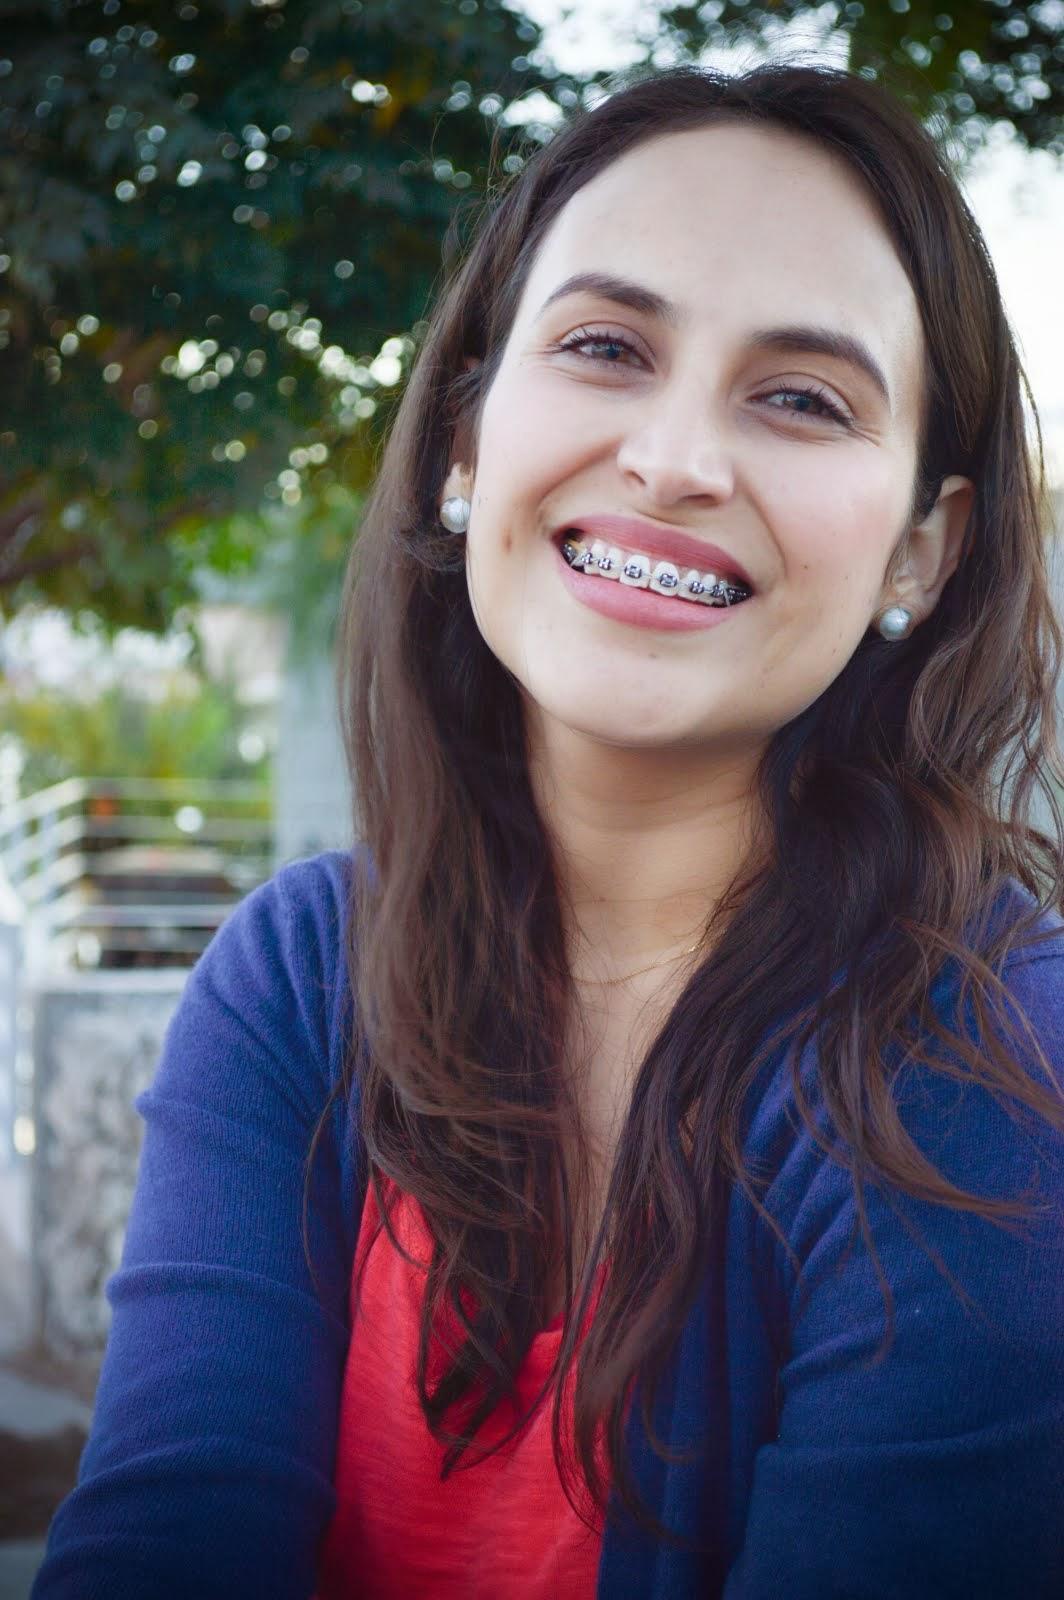 ¡HOLA! Bienvenidos a mi blog